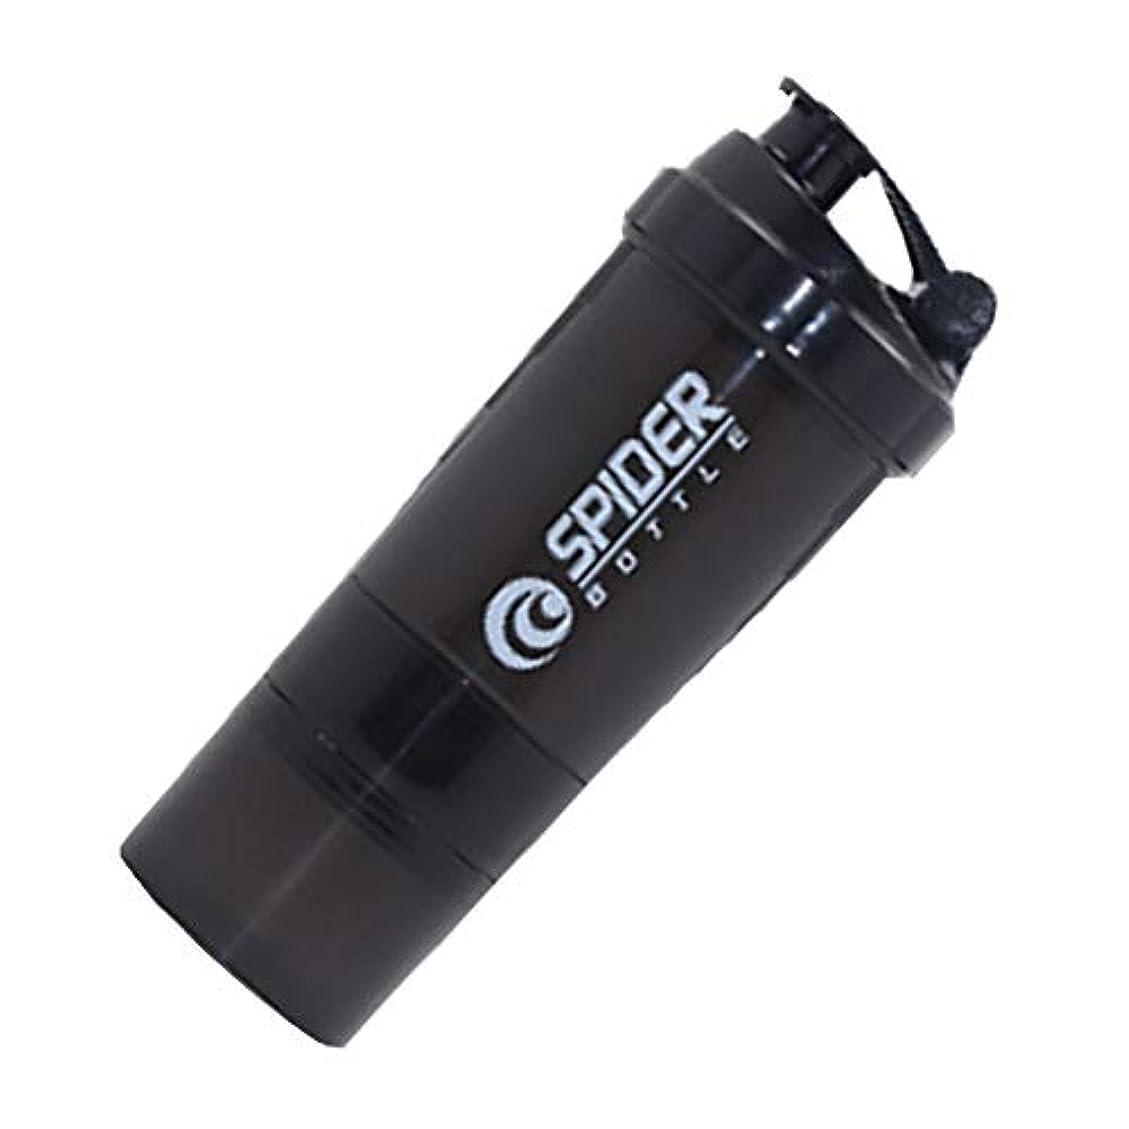 熟練した決定鼻Cangad プロテインシェーカー ブレンダーボトル 3層ハンディー式 タンパク質パウダーミキサーボルト 500-600ML 栄養錠剤ビタミン入れ ダイエットドリンク用 (ブラック)